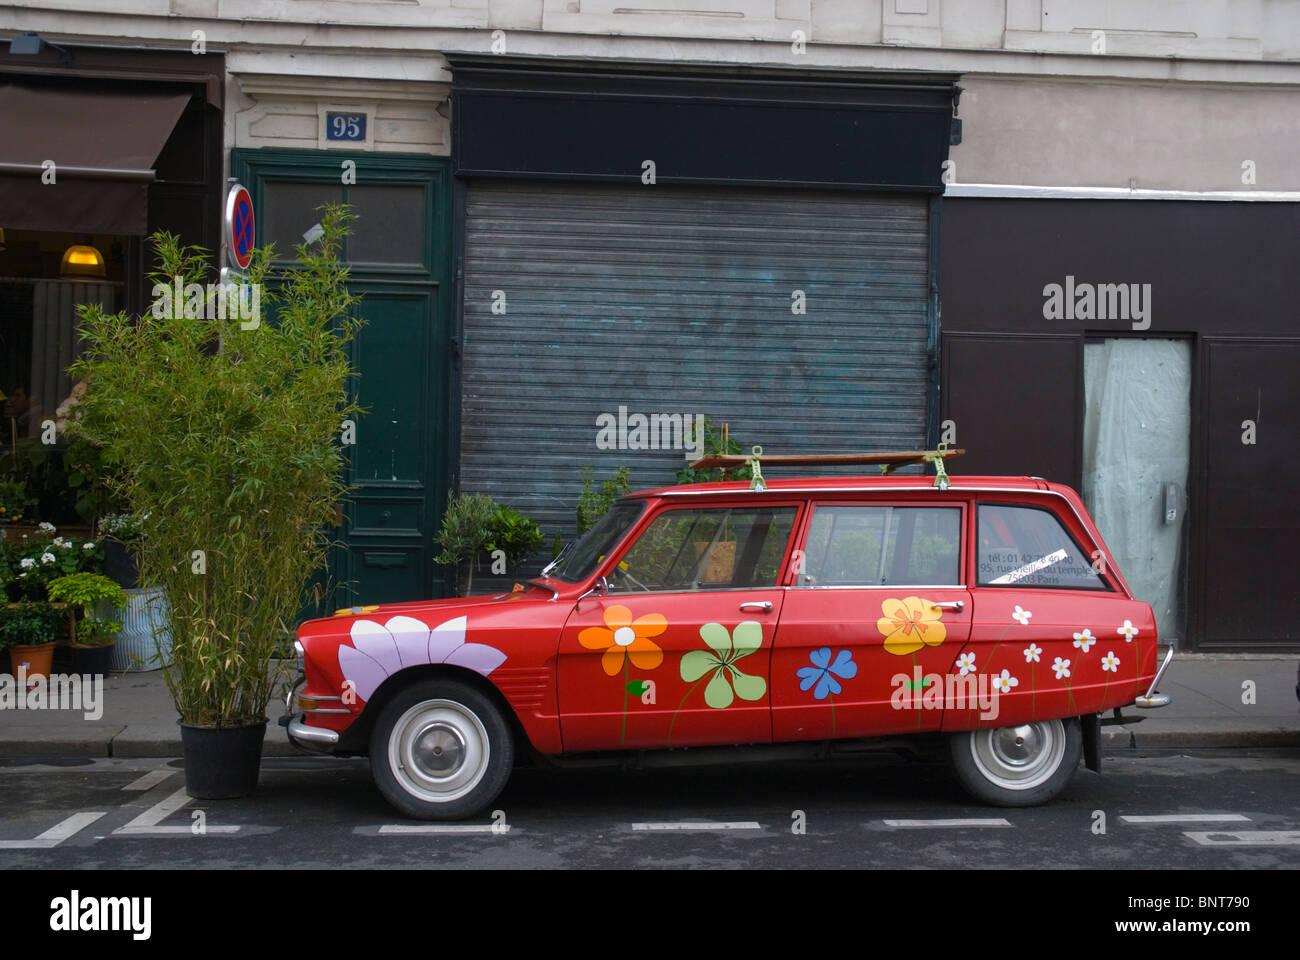 Flower shop exterior Le Marais district central Paris France Europe - Stock Image